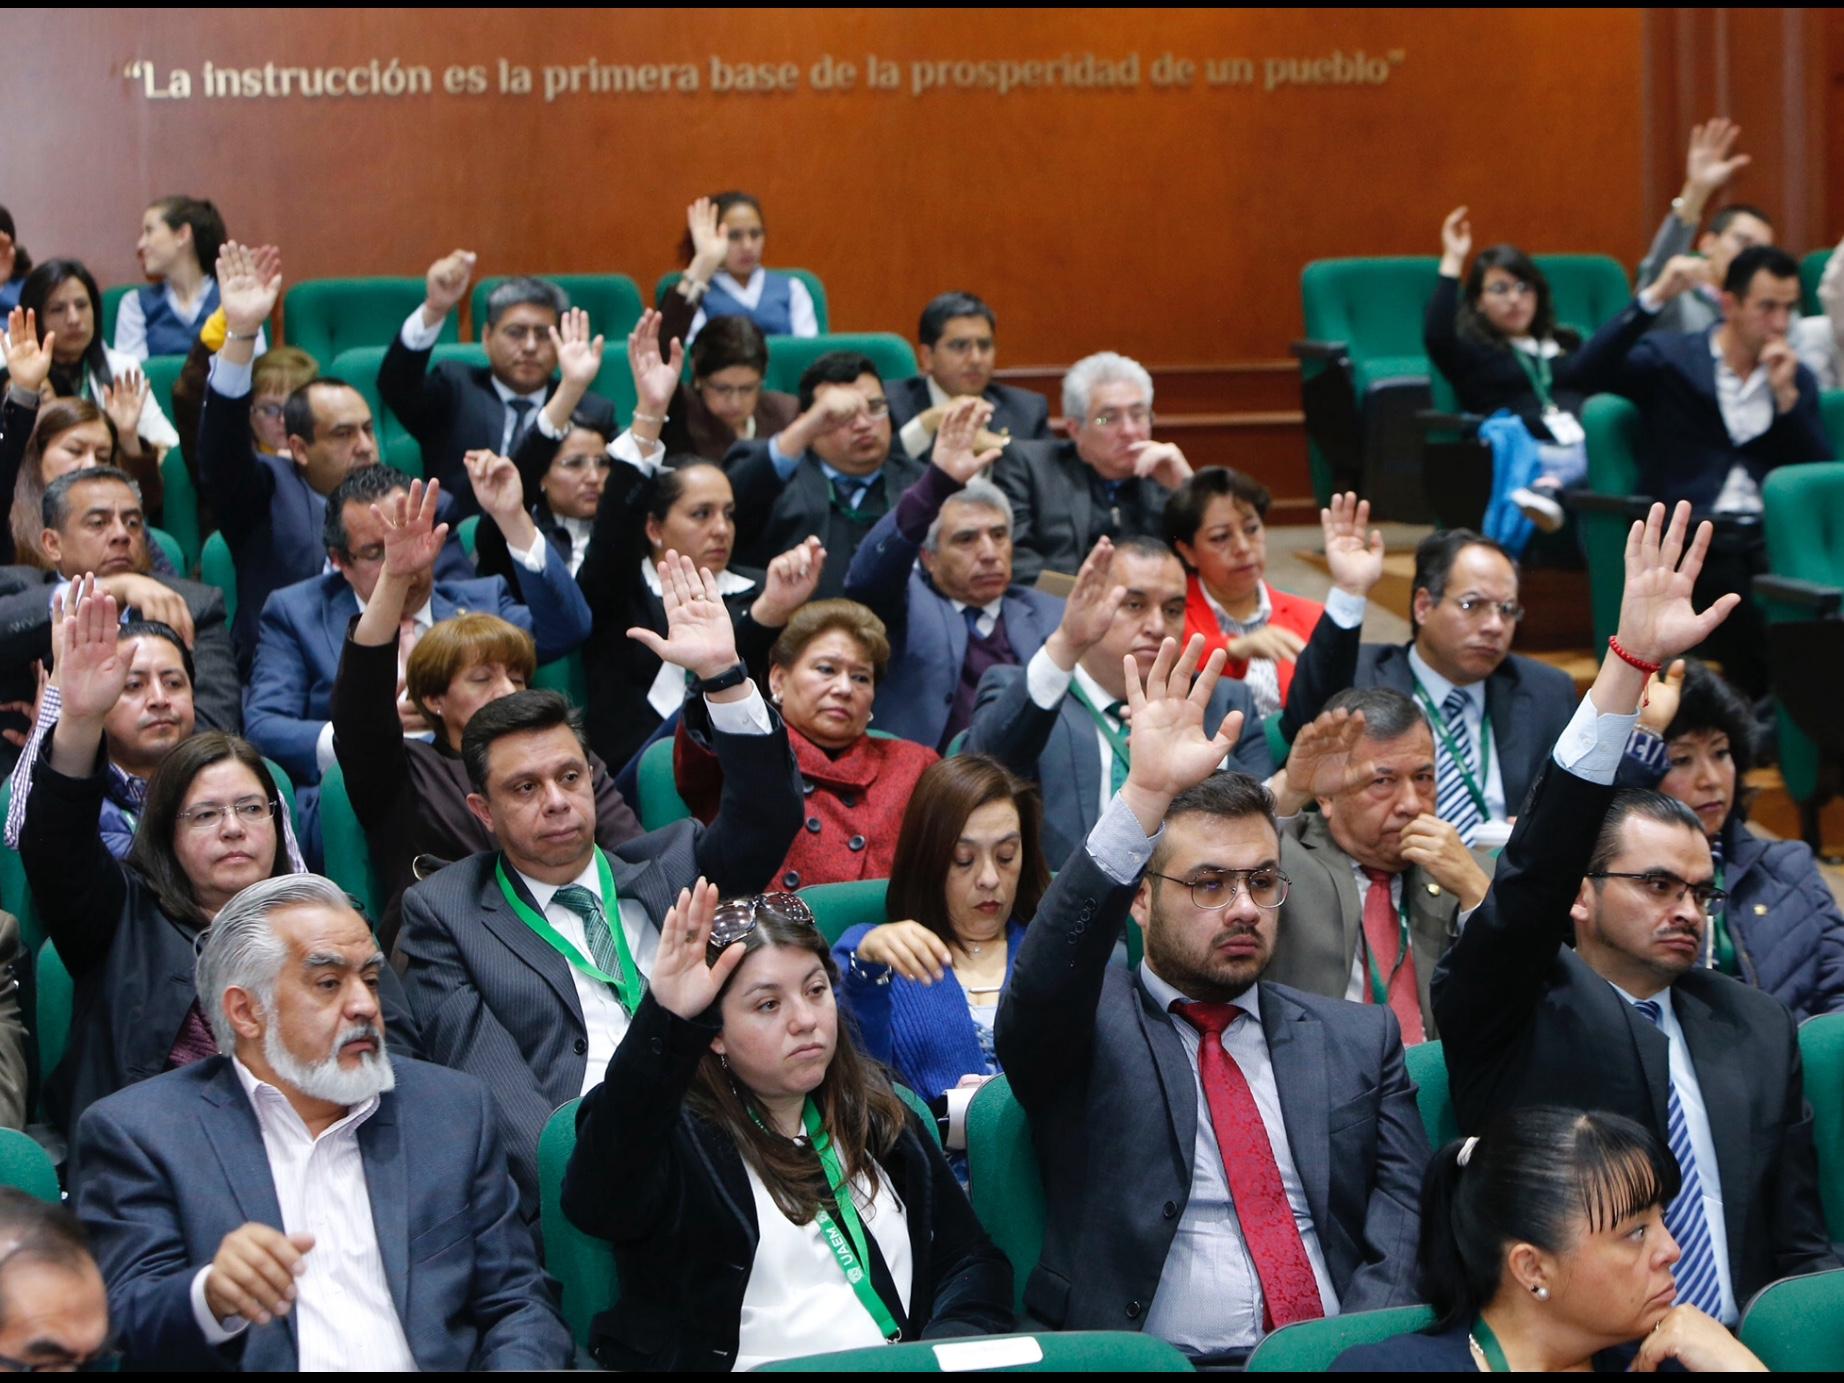 Da UAEM Honoris Causa a Ana Cecilia Noguez Garrido